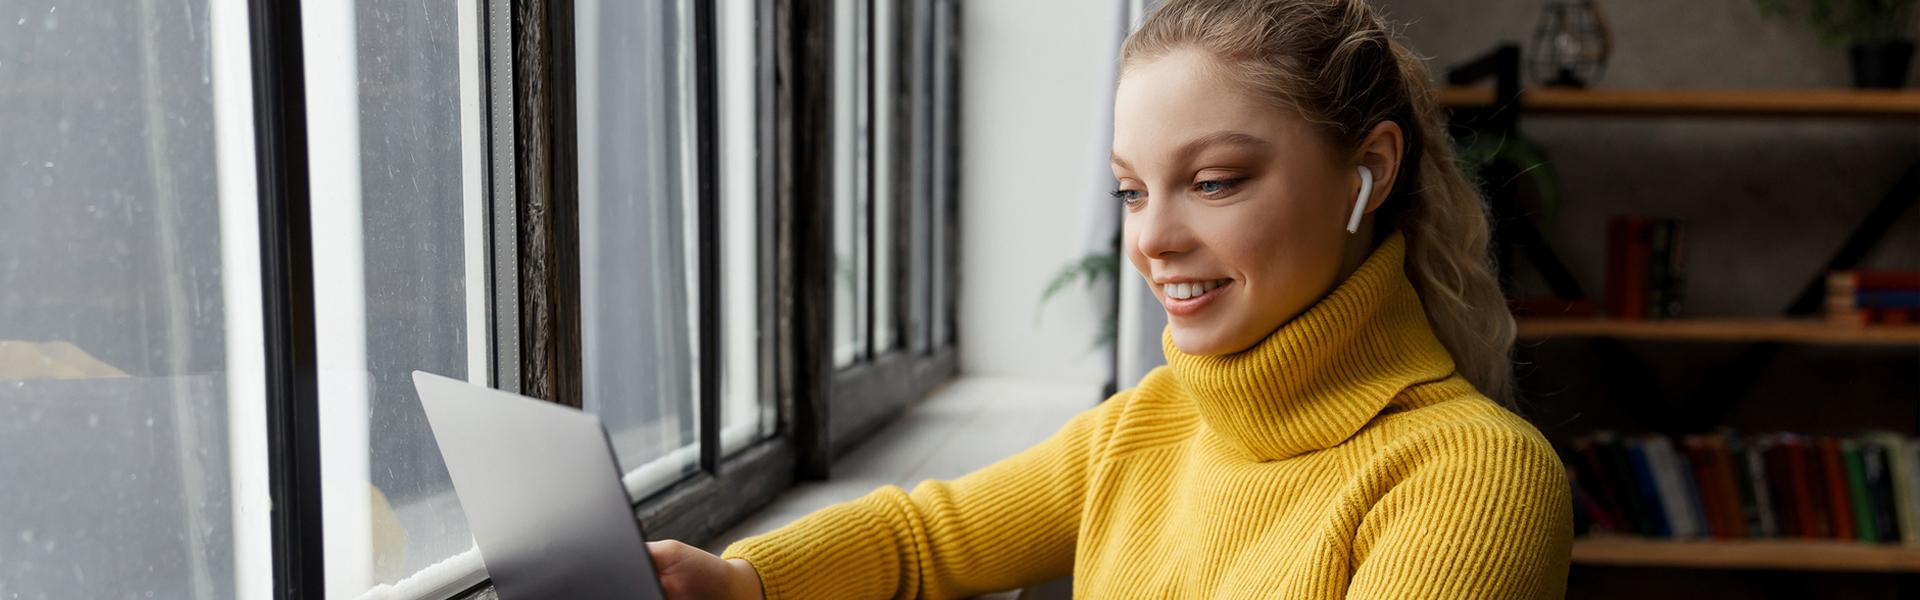 Nuori nainen katsoo hymyillen tietokonetta ikkunan edessä.